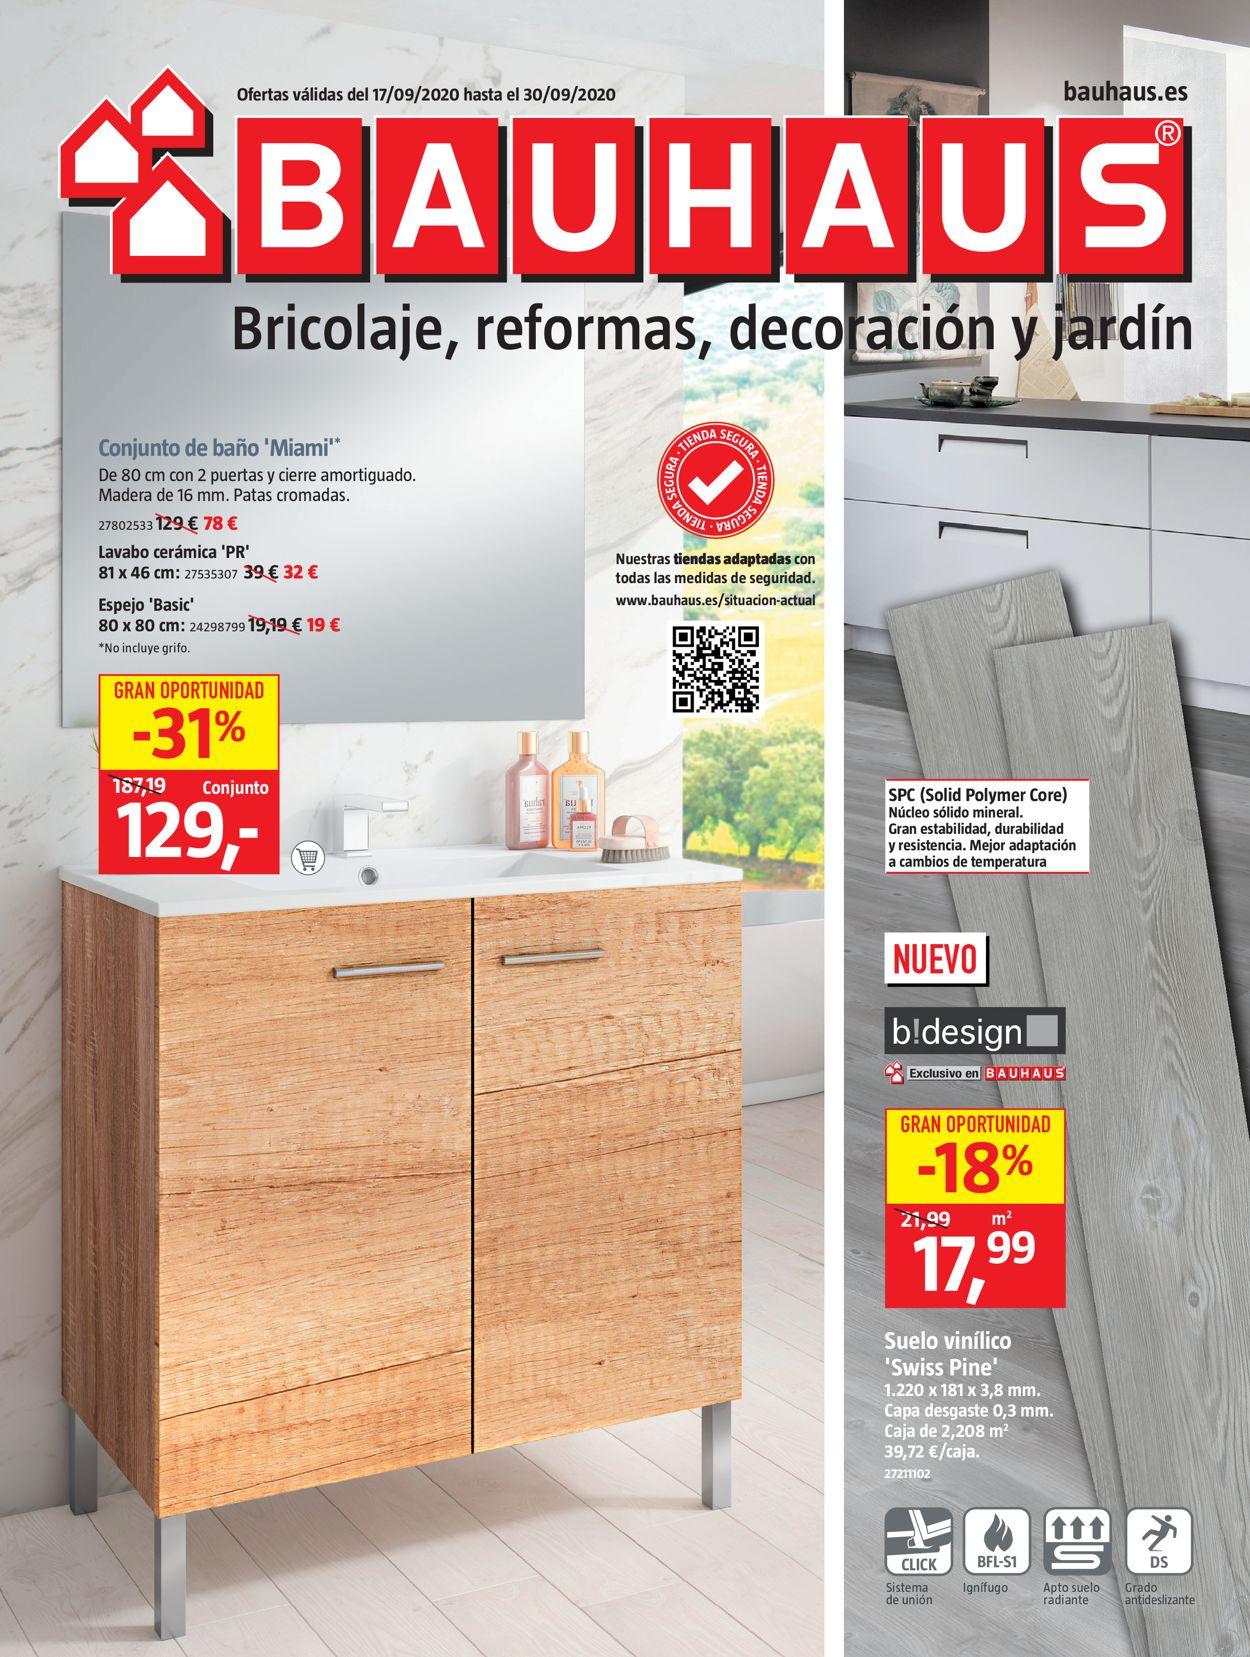 Bauhaus Folleto - 17.09-30.09.2020